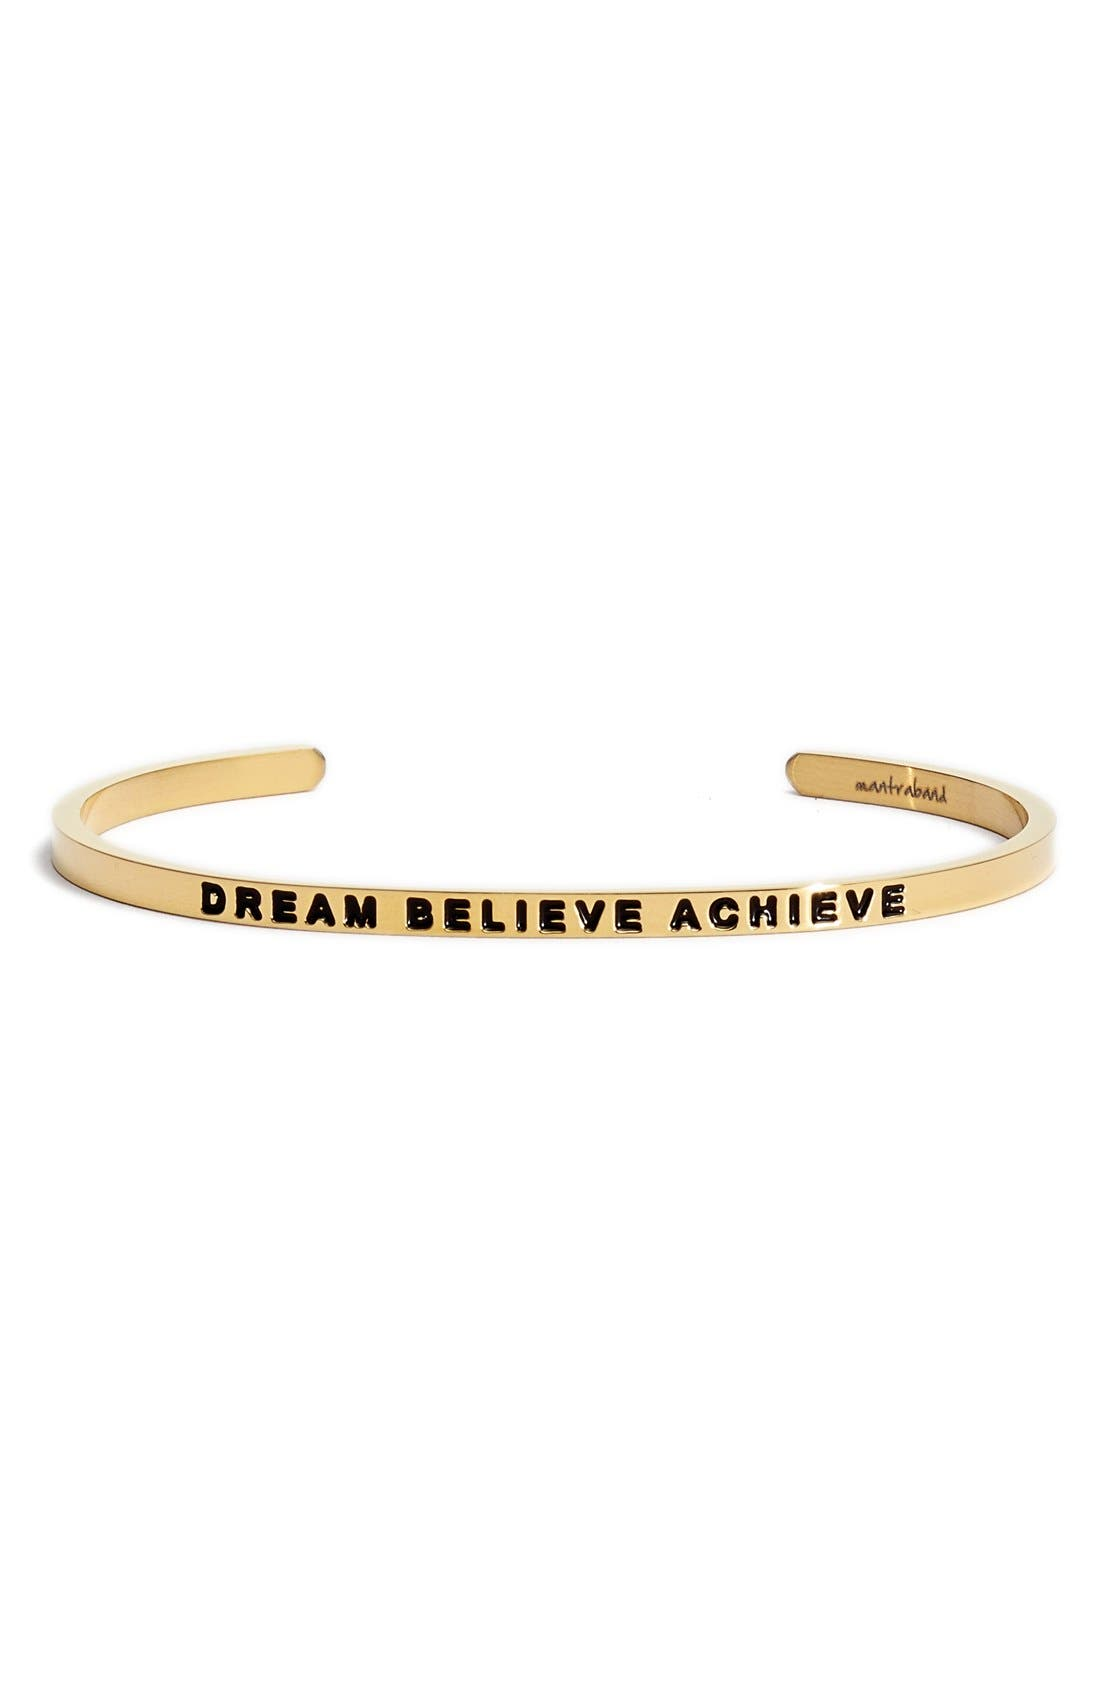 'Dream Believe Achieve' Cuff,                         Main,                         color, GOLD